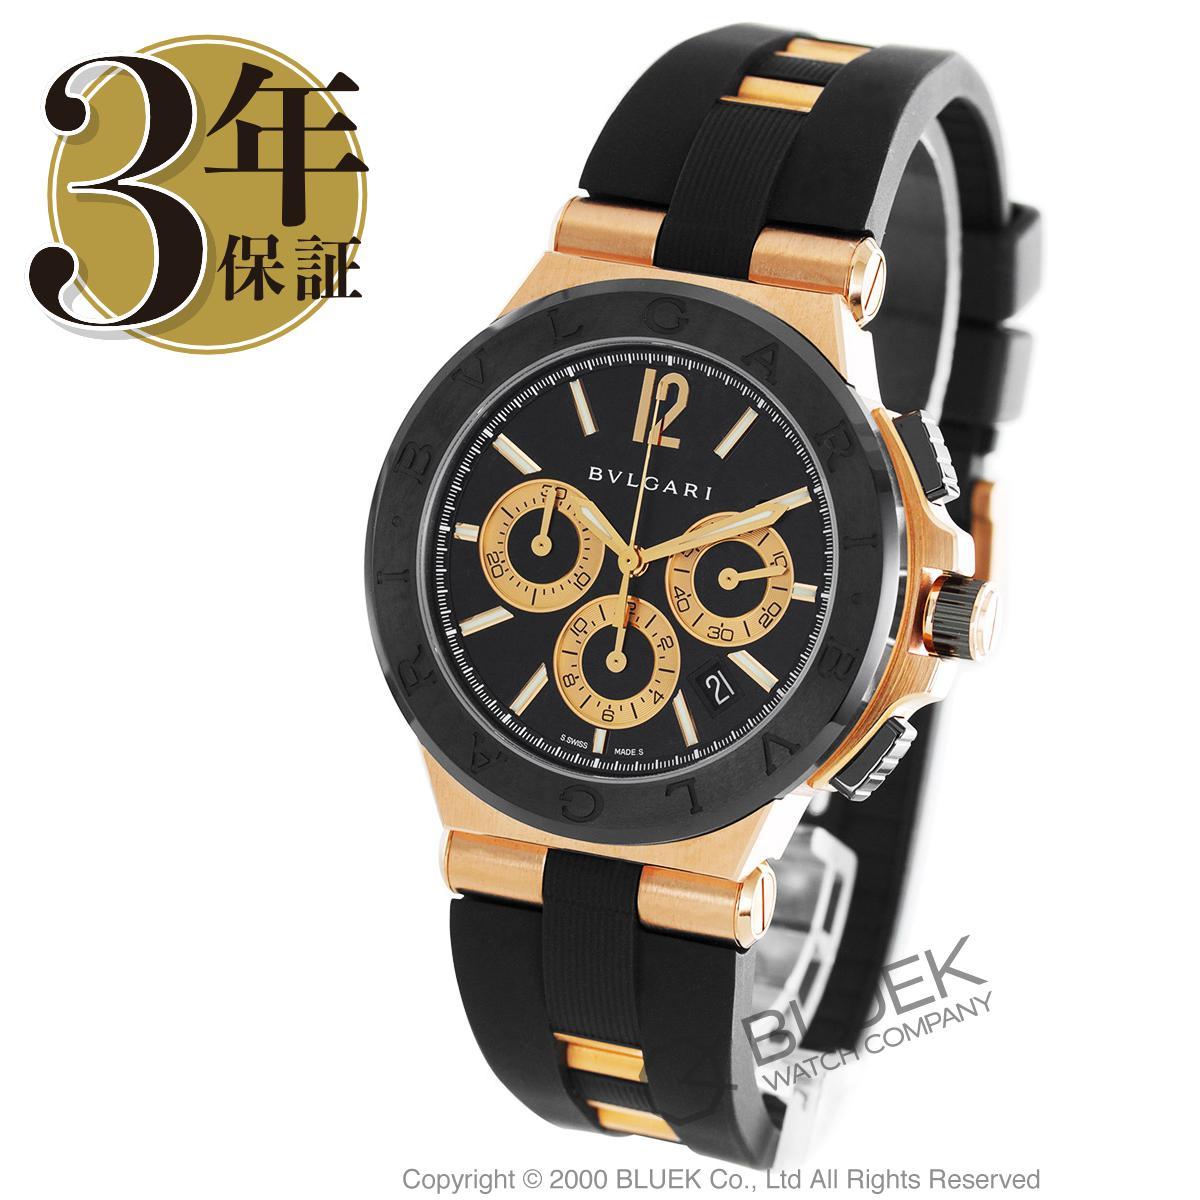 ブルガリ ディアゴノ クロノグラフ 腕時計 メンズ BVLGARI DGP42BGCVDCH_8